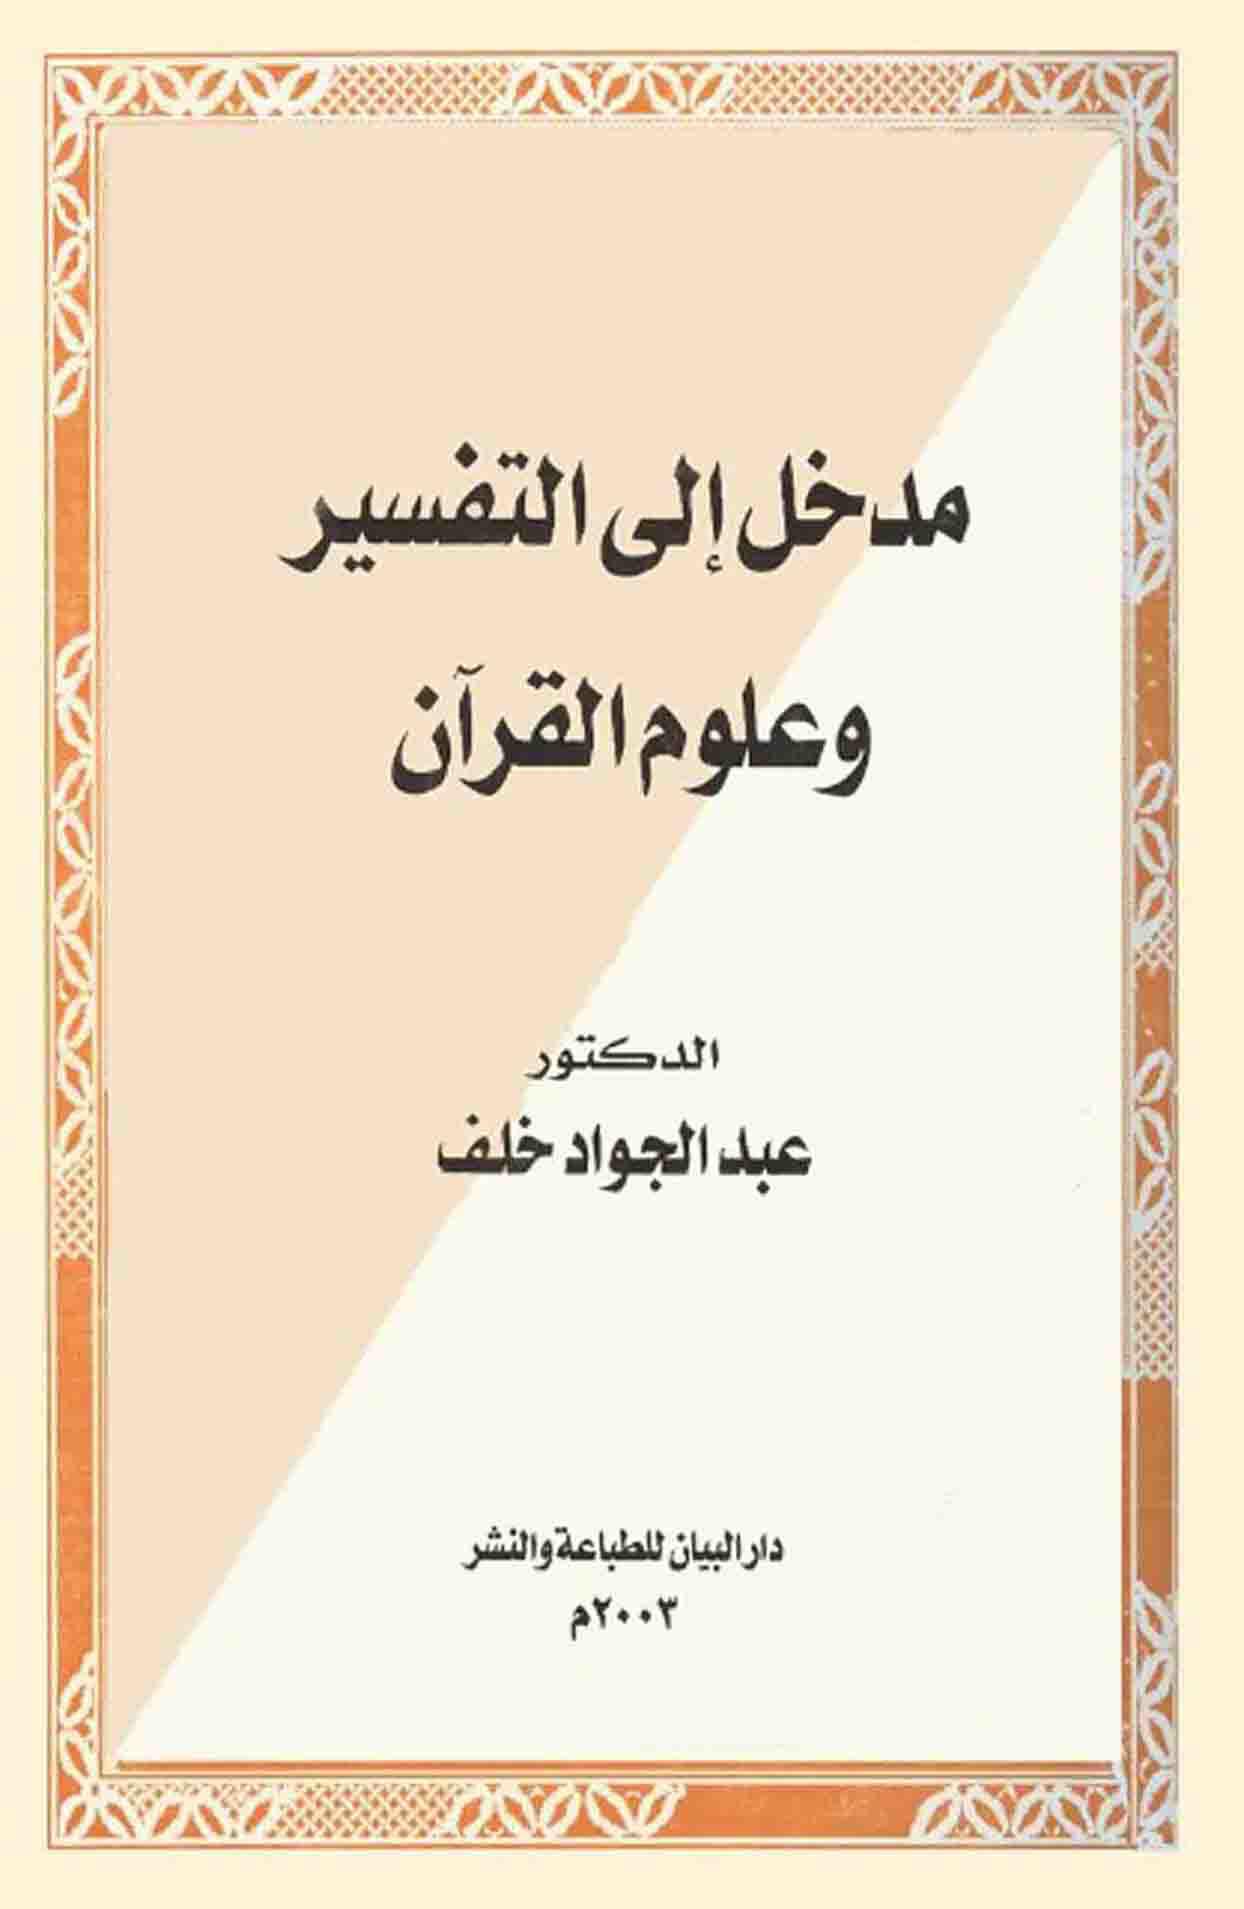 تحميل كتاب مدخل إلى التفسير وعلوم القرآن لـِ: الدكتور عبد الجواد خلف محمد عبد الجواد